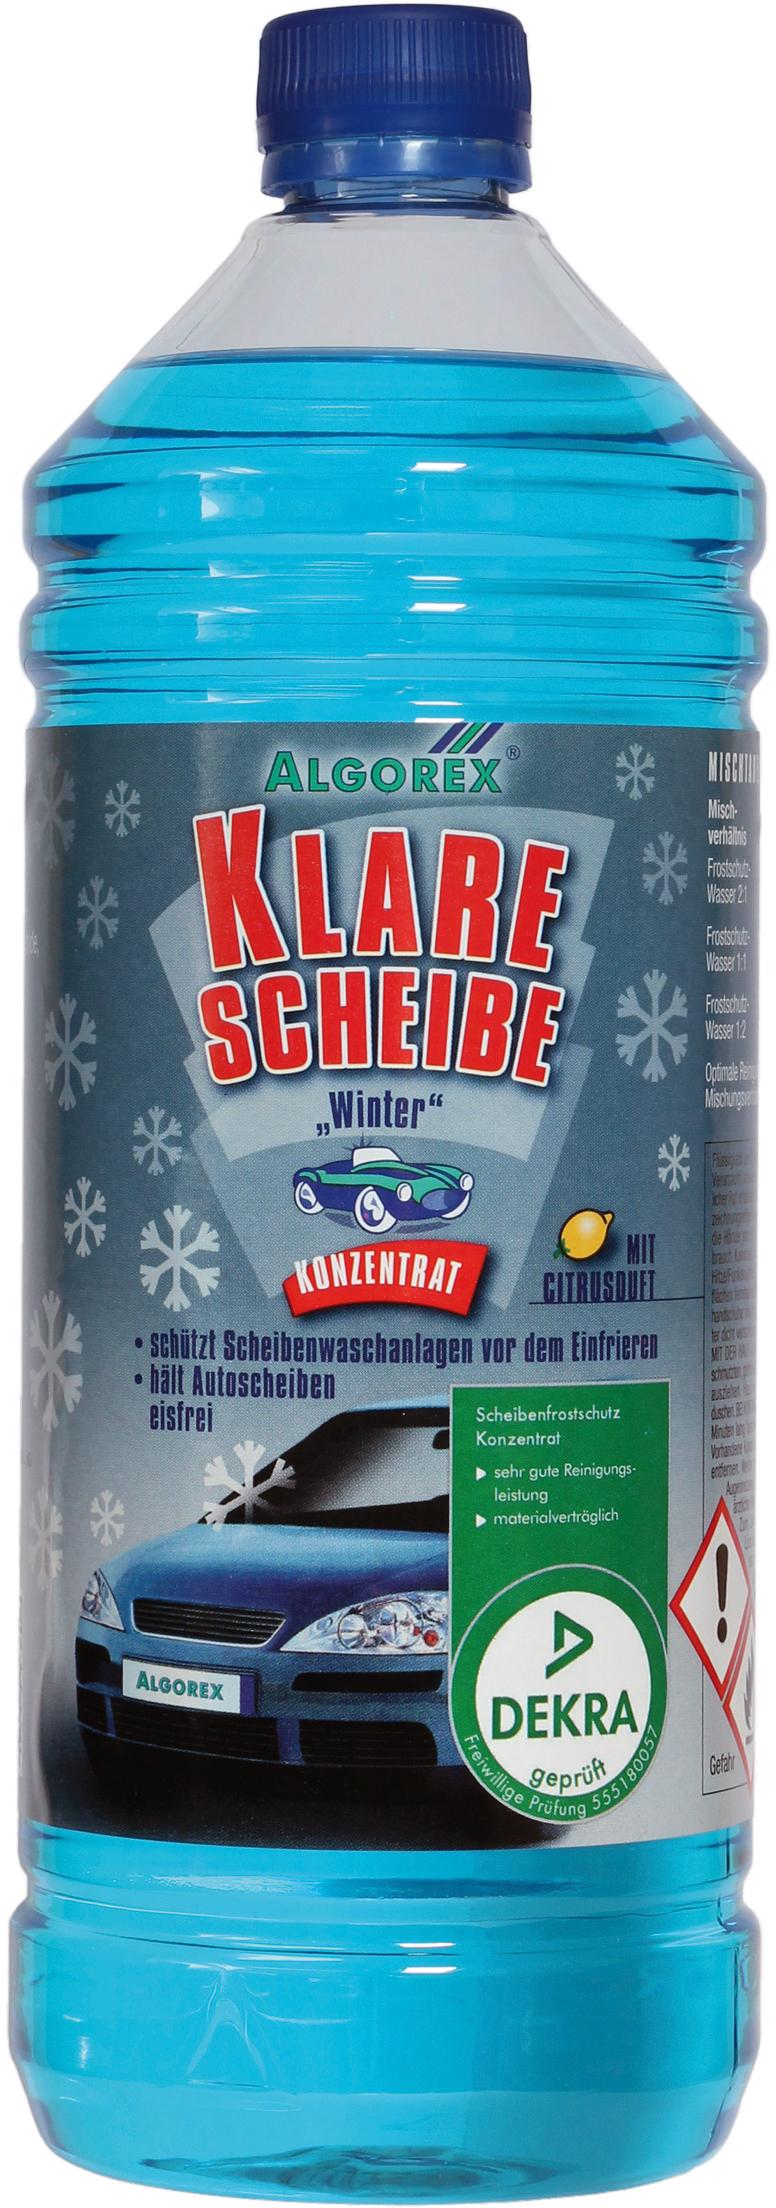 Algorex klare scheibe konzentrat fachgrosshandel haack for Klare scheibe niedernberg